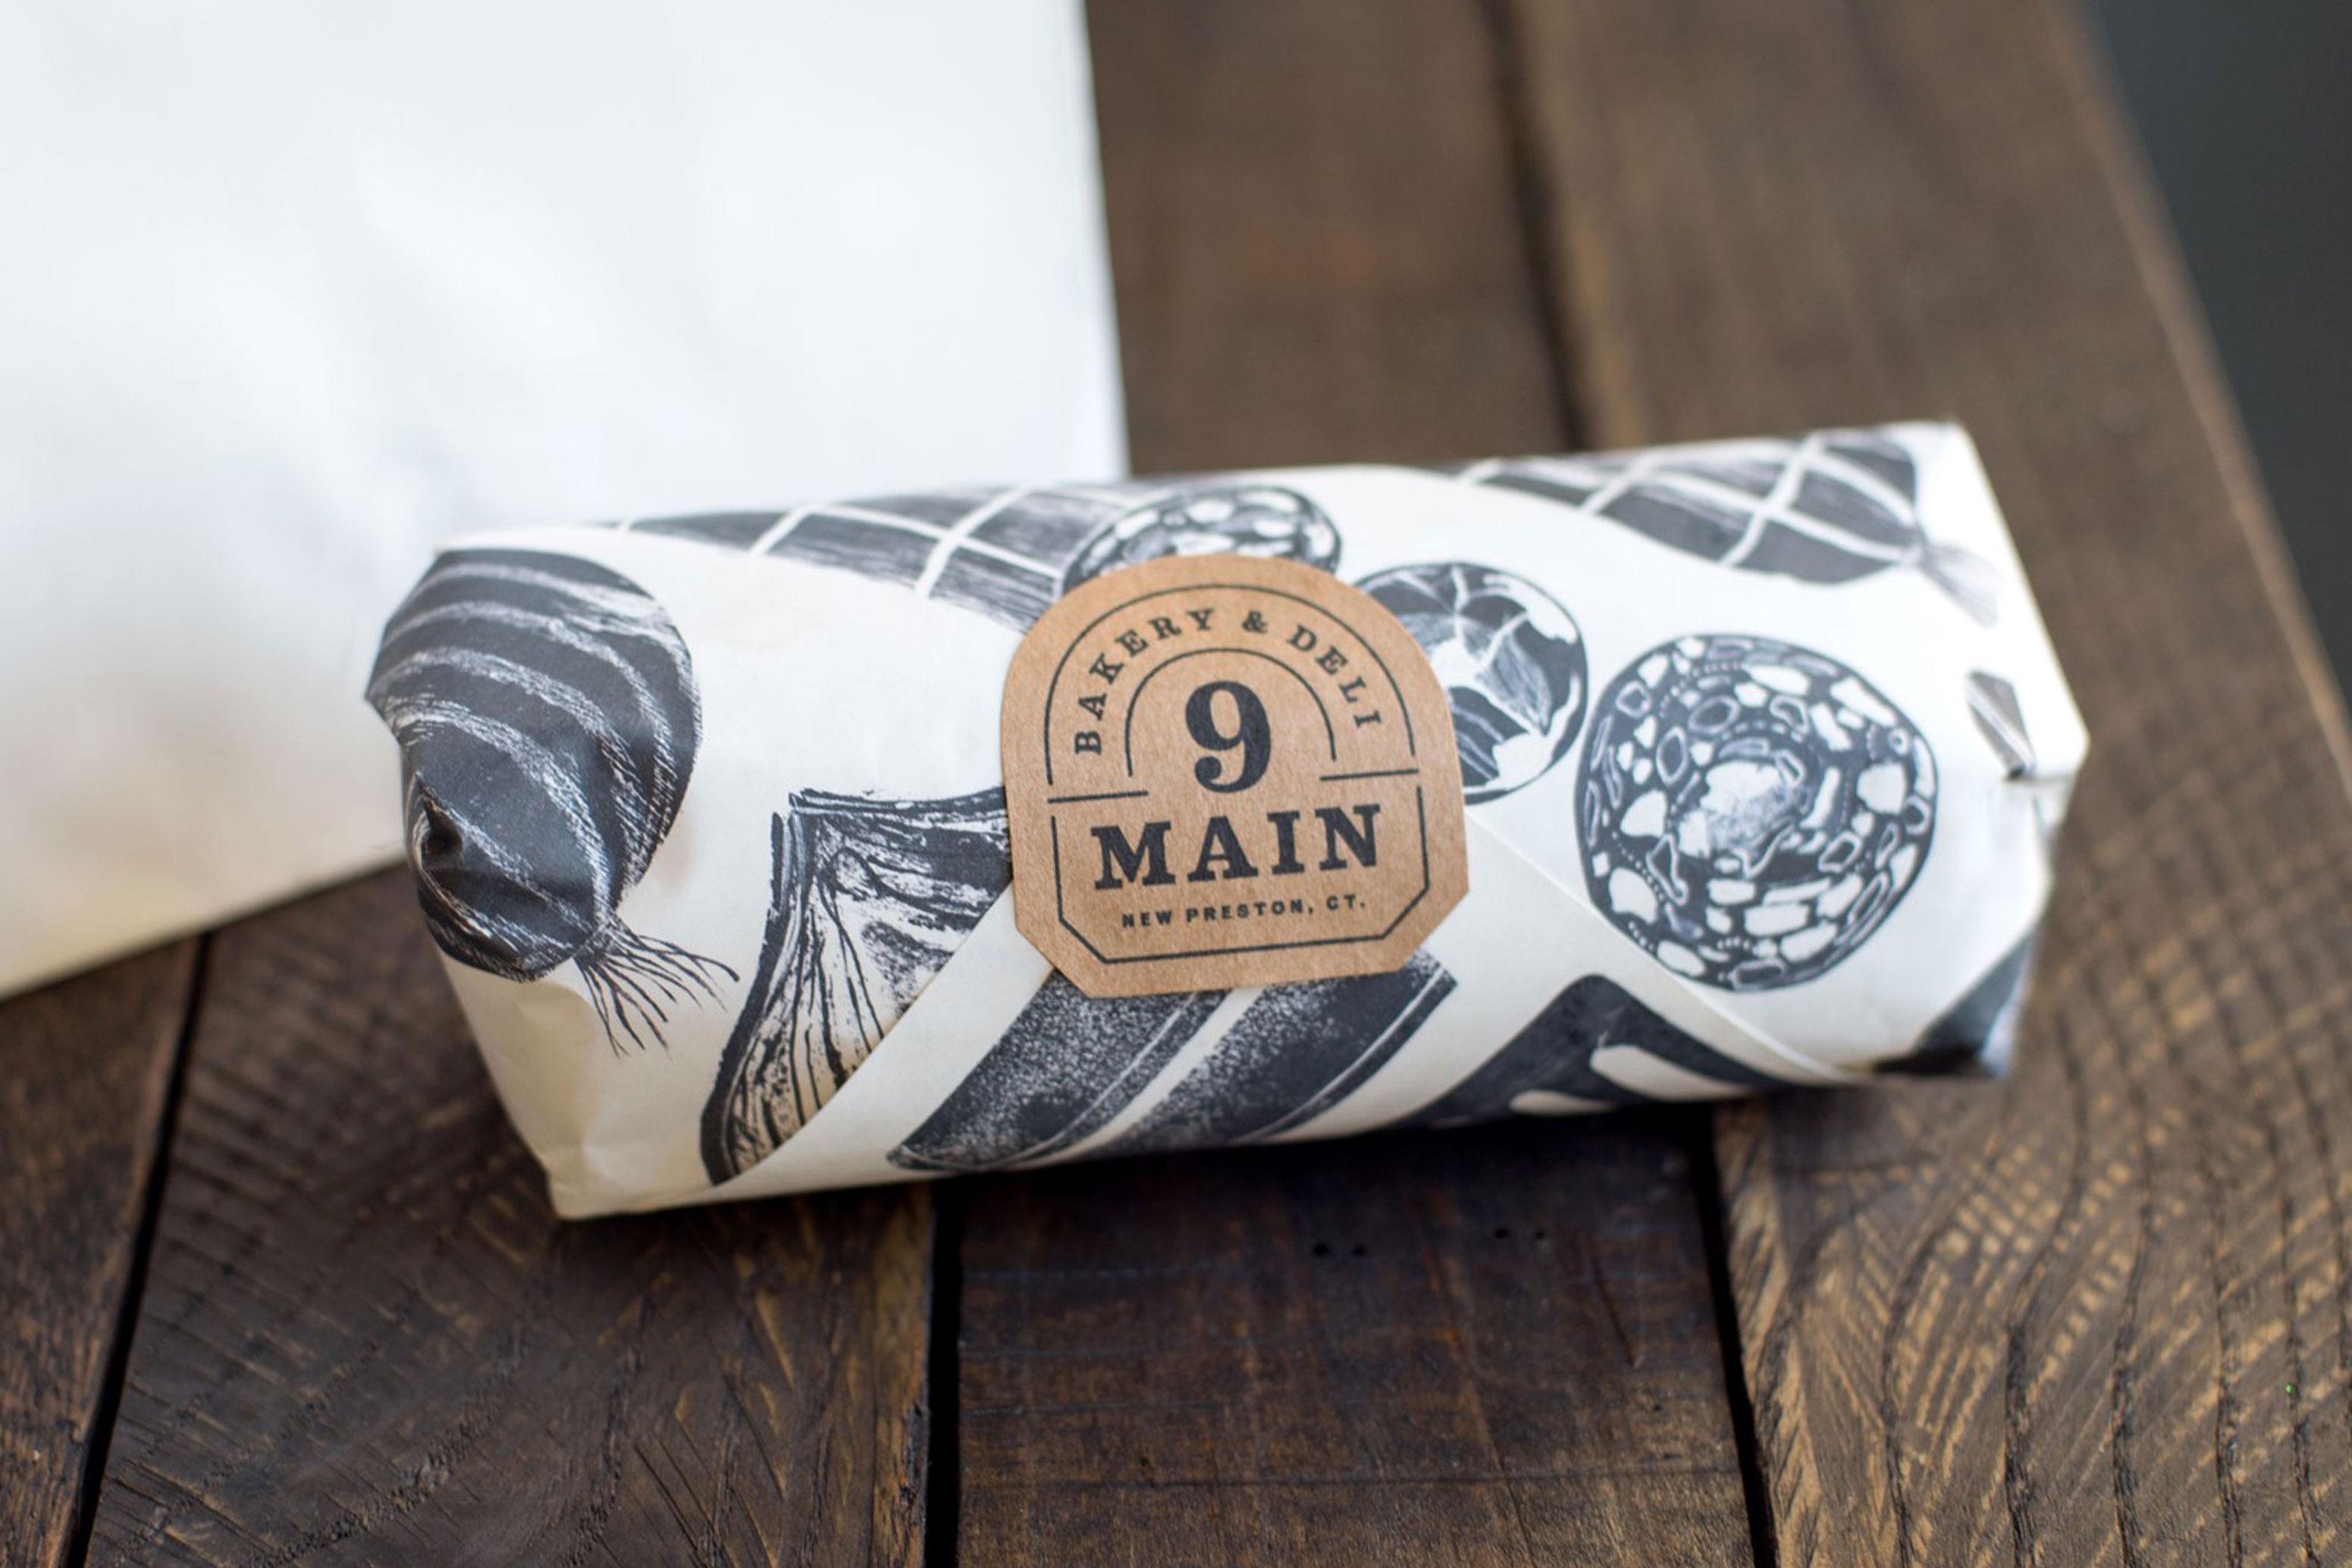 Nine Main Bakery Packaging